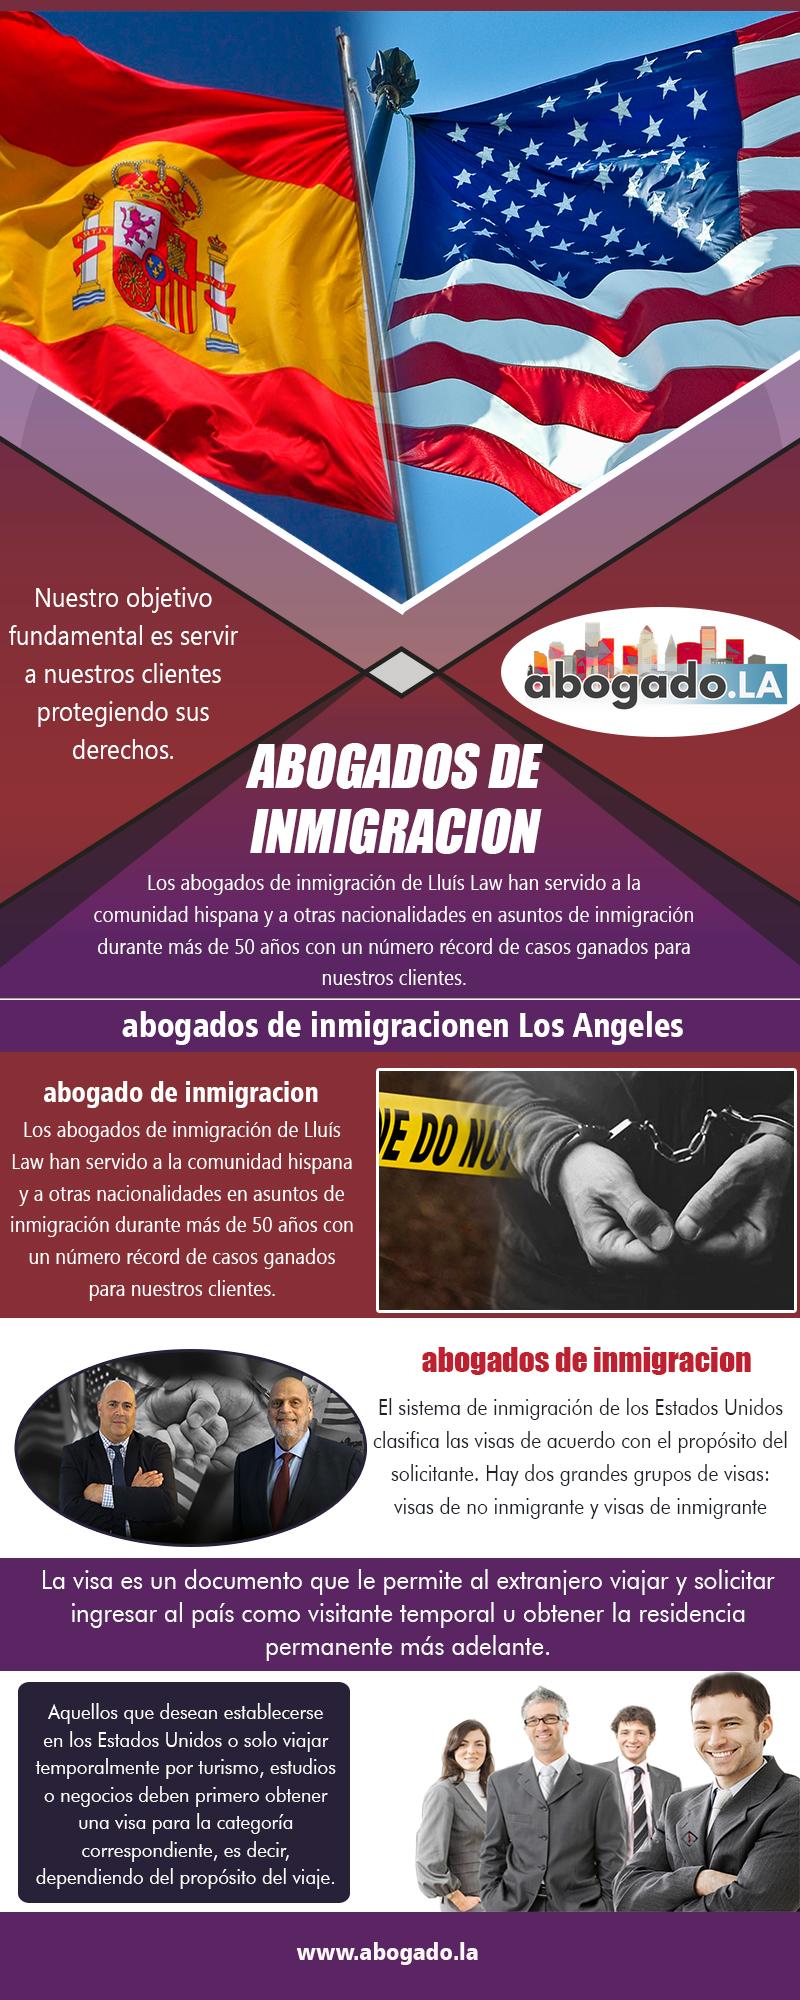 Abogados de inmigracionen